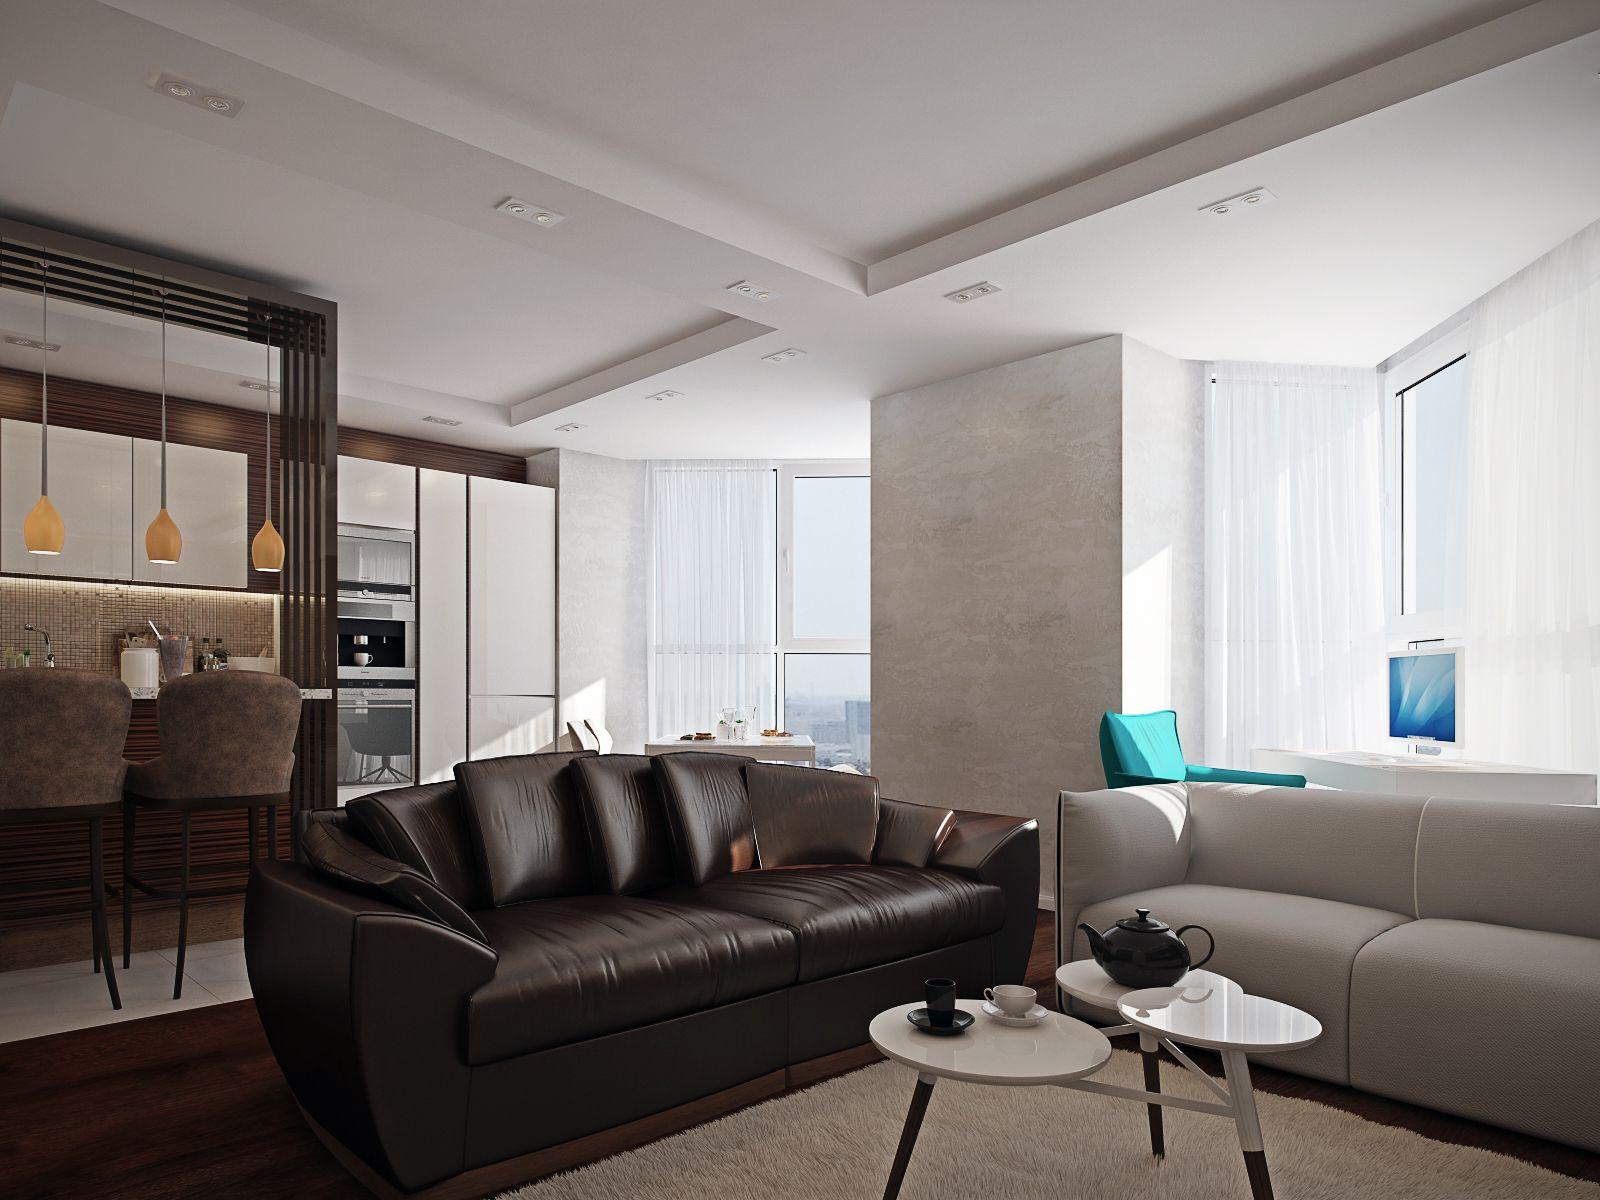 Фото Дизайн интерьера жилих и комерческих помещений 1